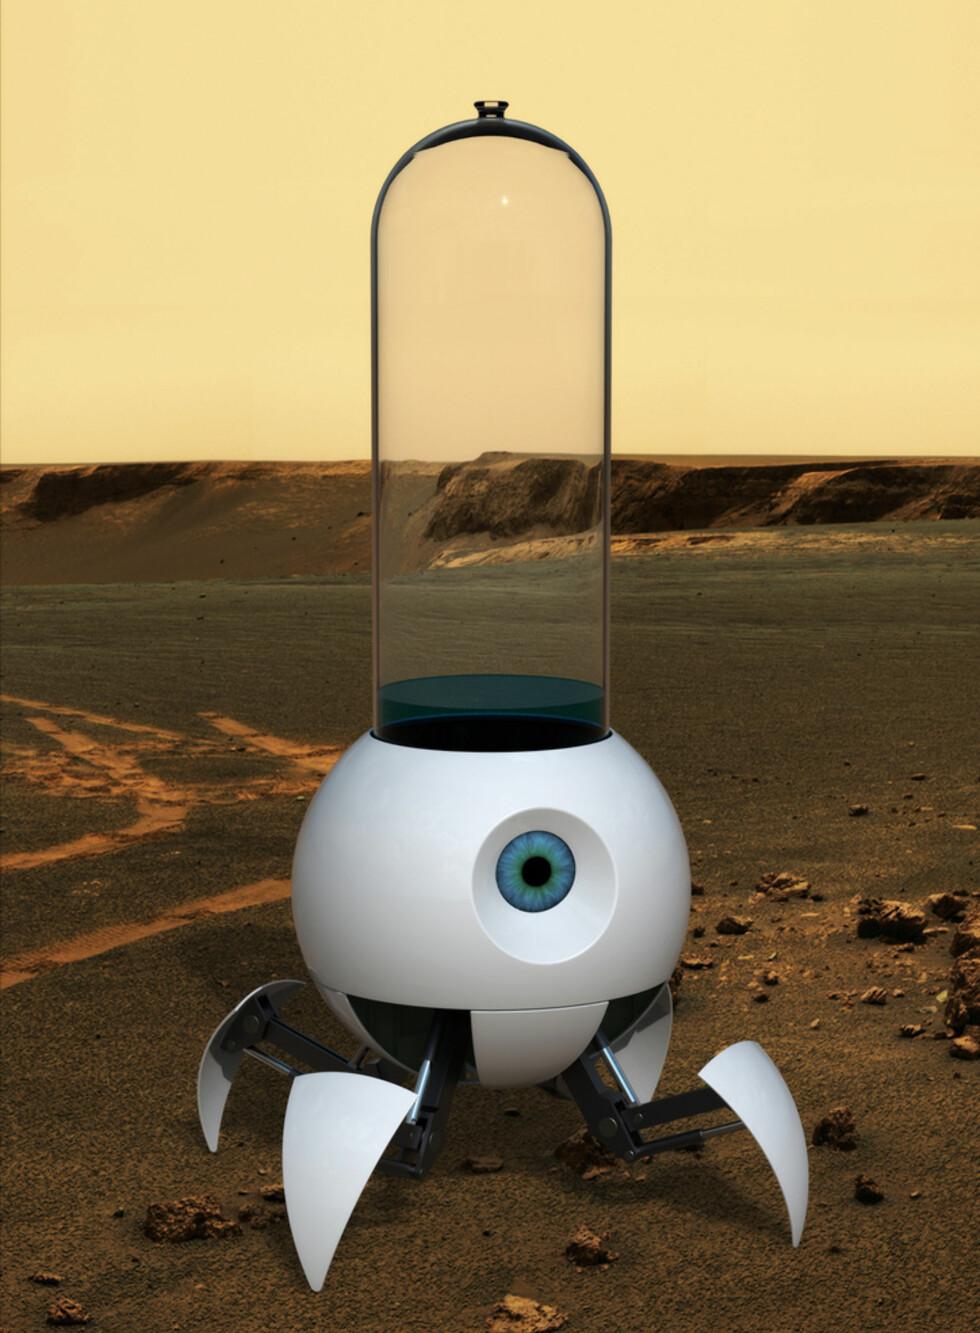 Le Petit Prince av Martin Miklic, Tsjekkia. Finalens siste bidrag er noe for seg selv. En hybrid av en robot og et drivhus, skal gro planter på Mars, slik at mennesker en gang skal kunne kolonisere den røde planeten. Plantene skal spire inne i en glassylinder i roboten, for så å planntes på et optimalt sted på planeten.